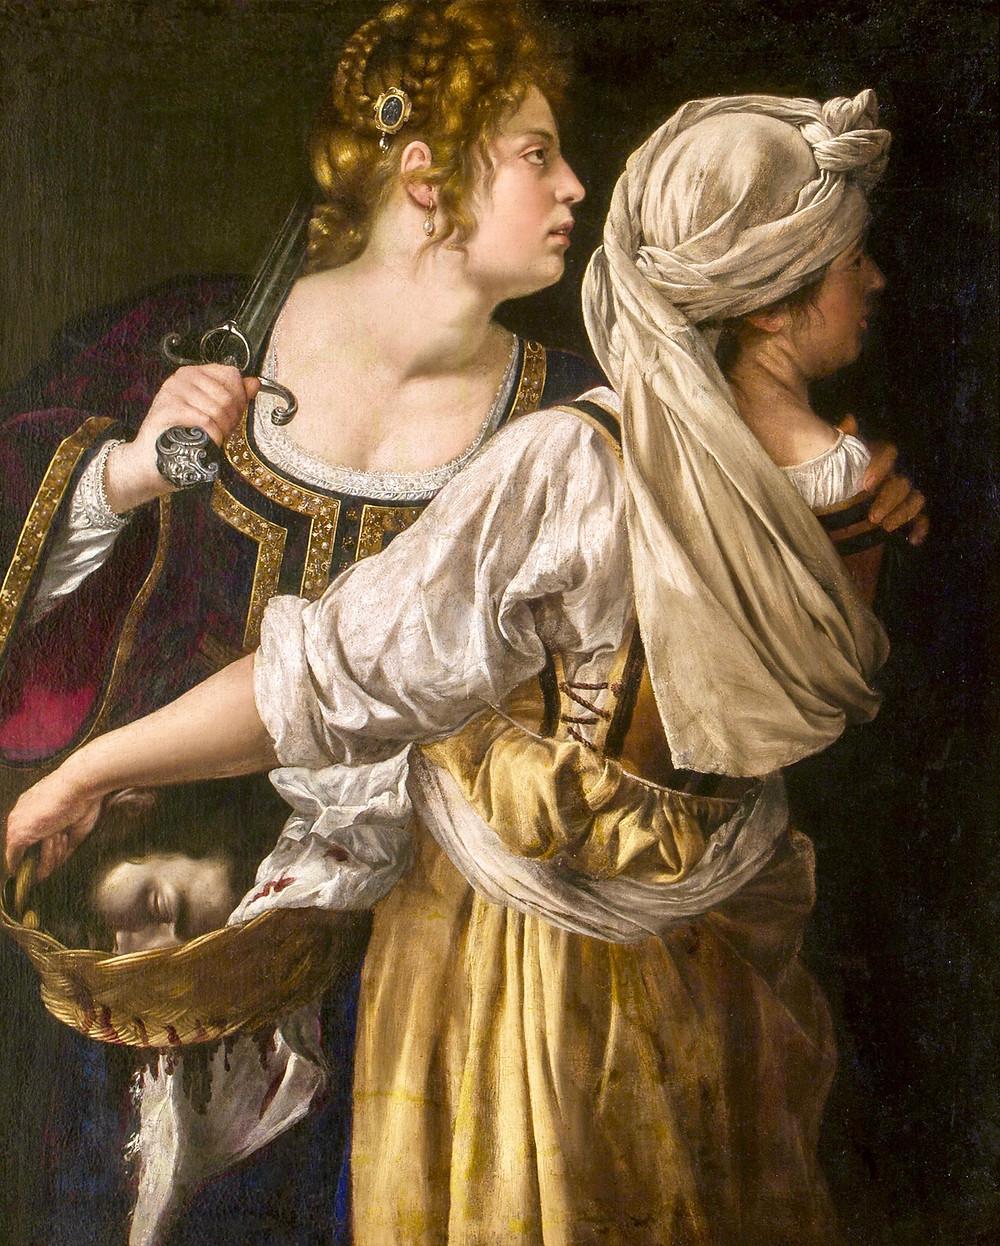 Gentileschi, Judith With her Handmaiden, 1615